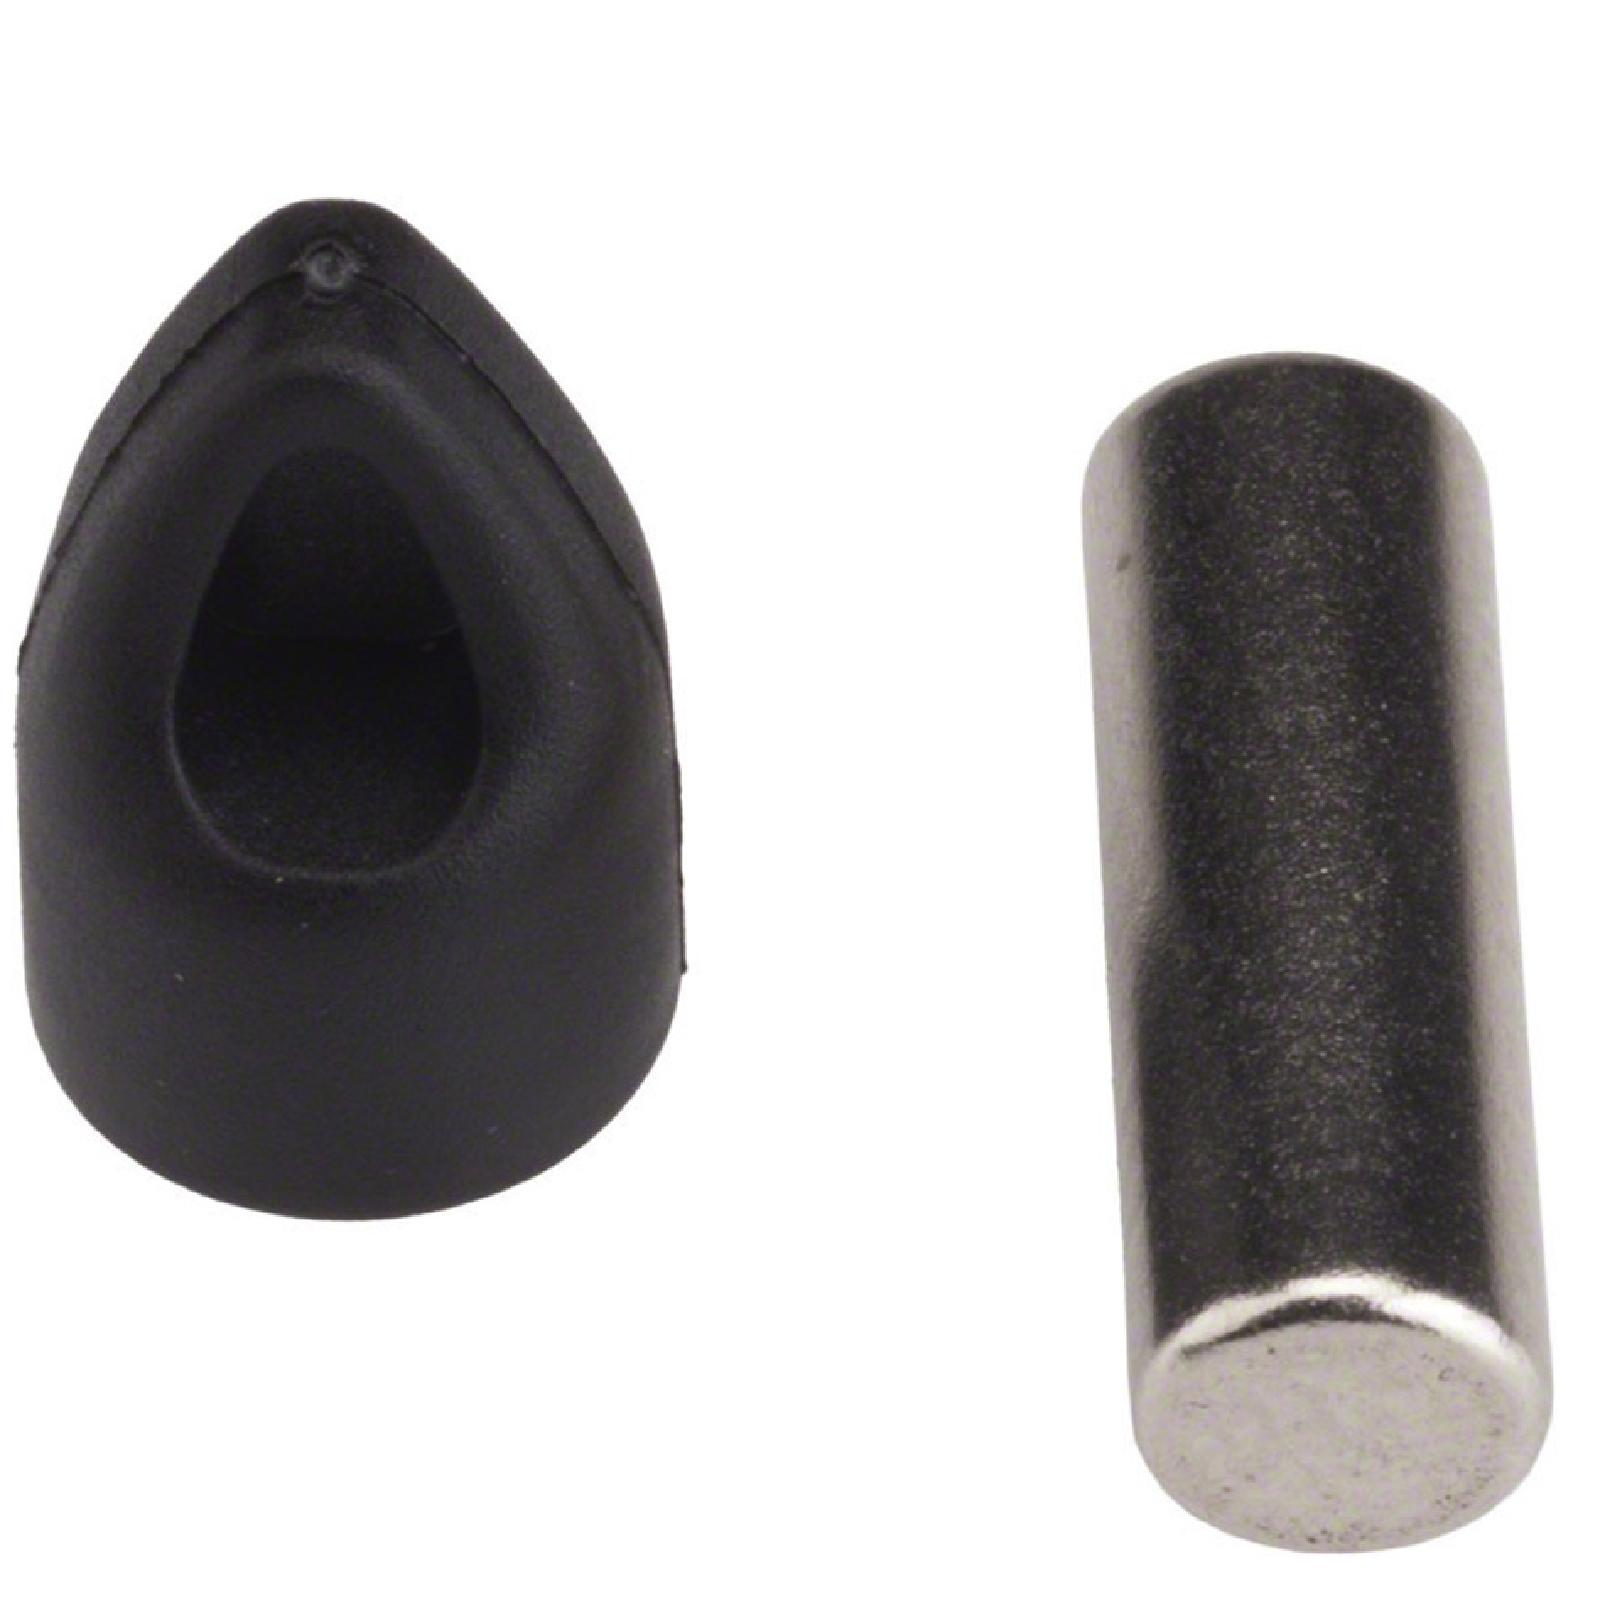 Campagnolo Veloce 10 Speed Rear Derailleur - Medium Cage - Black